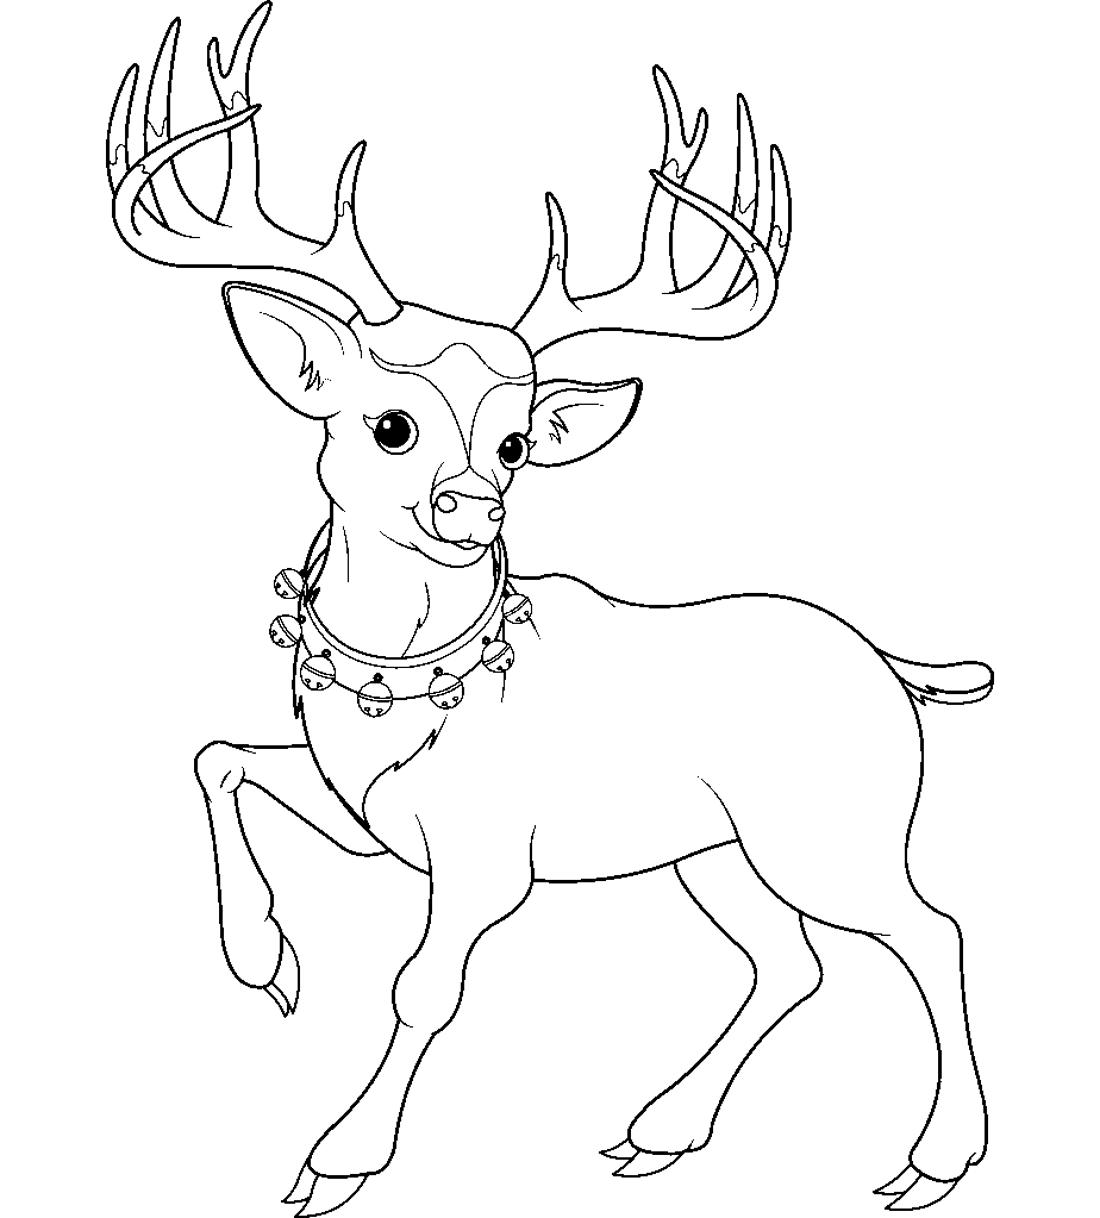 Олень с бубенцами - раскраска №7554 | Printonic.ru